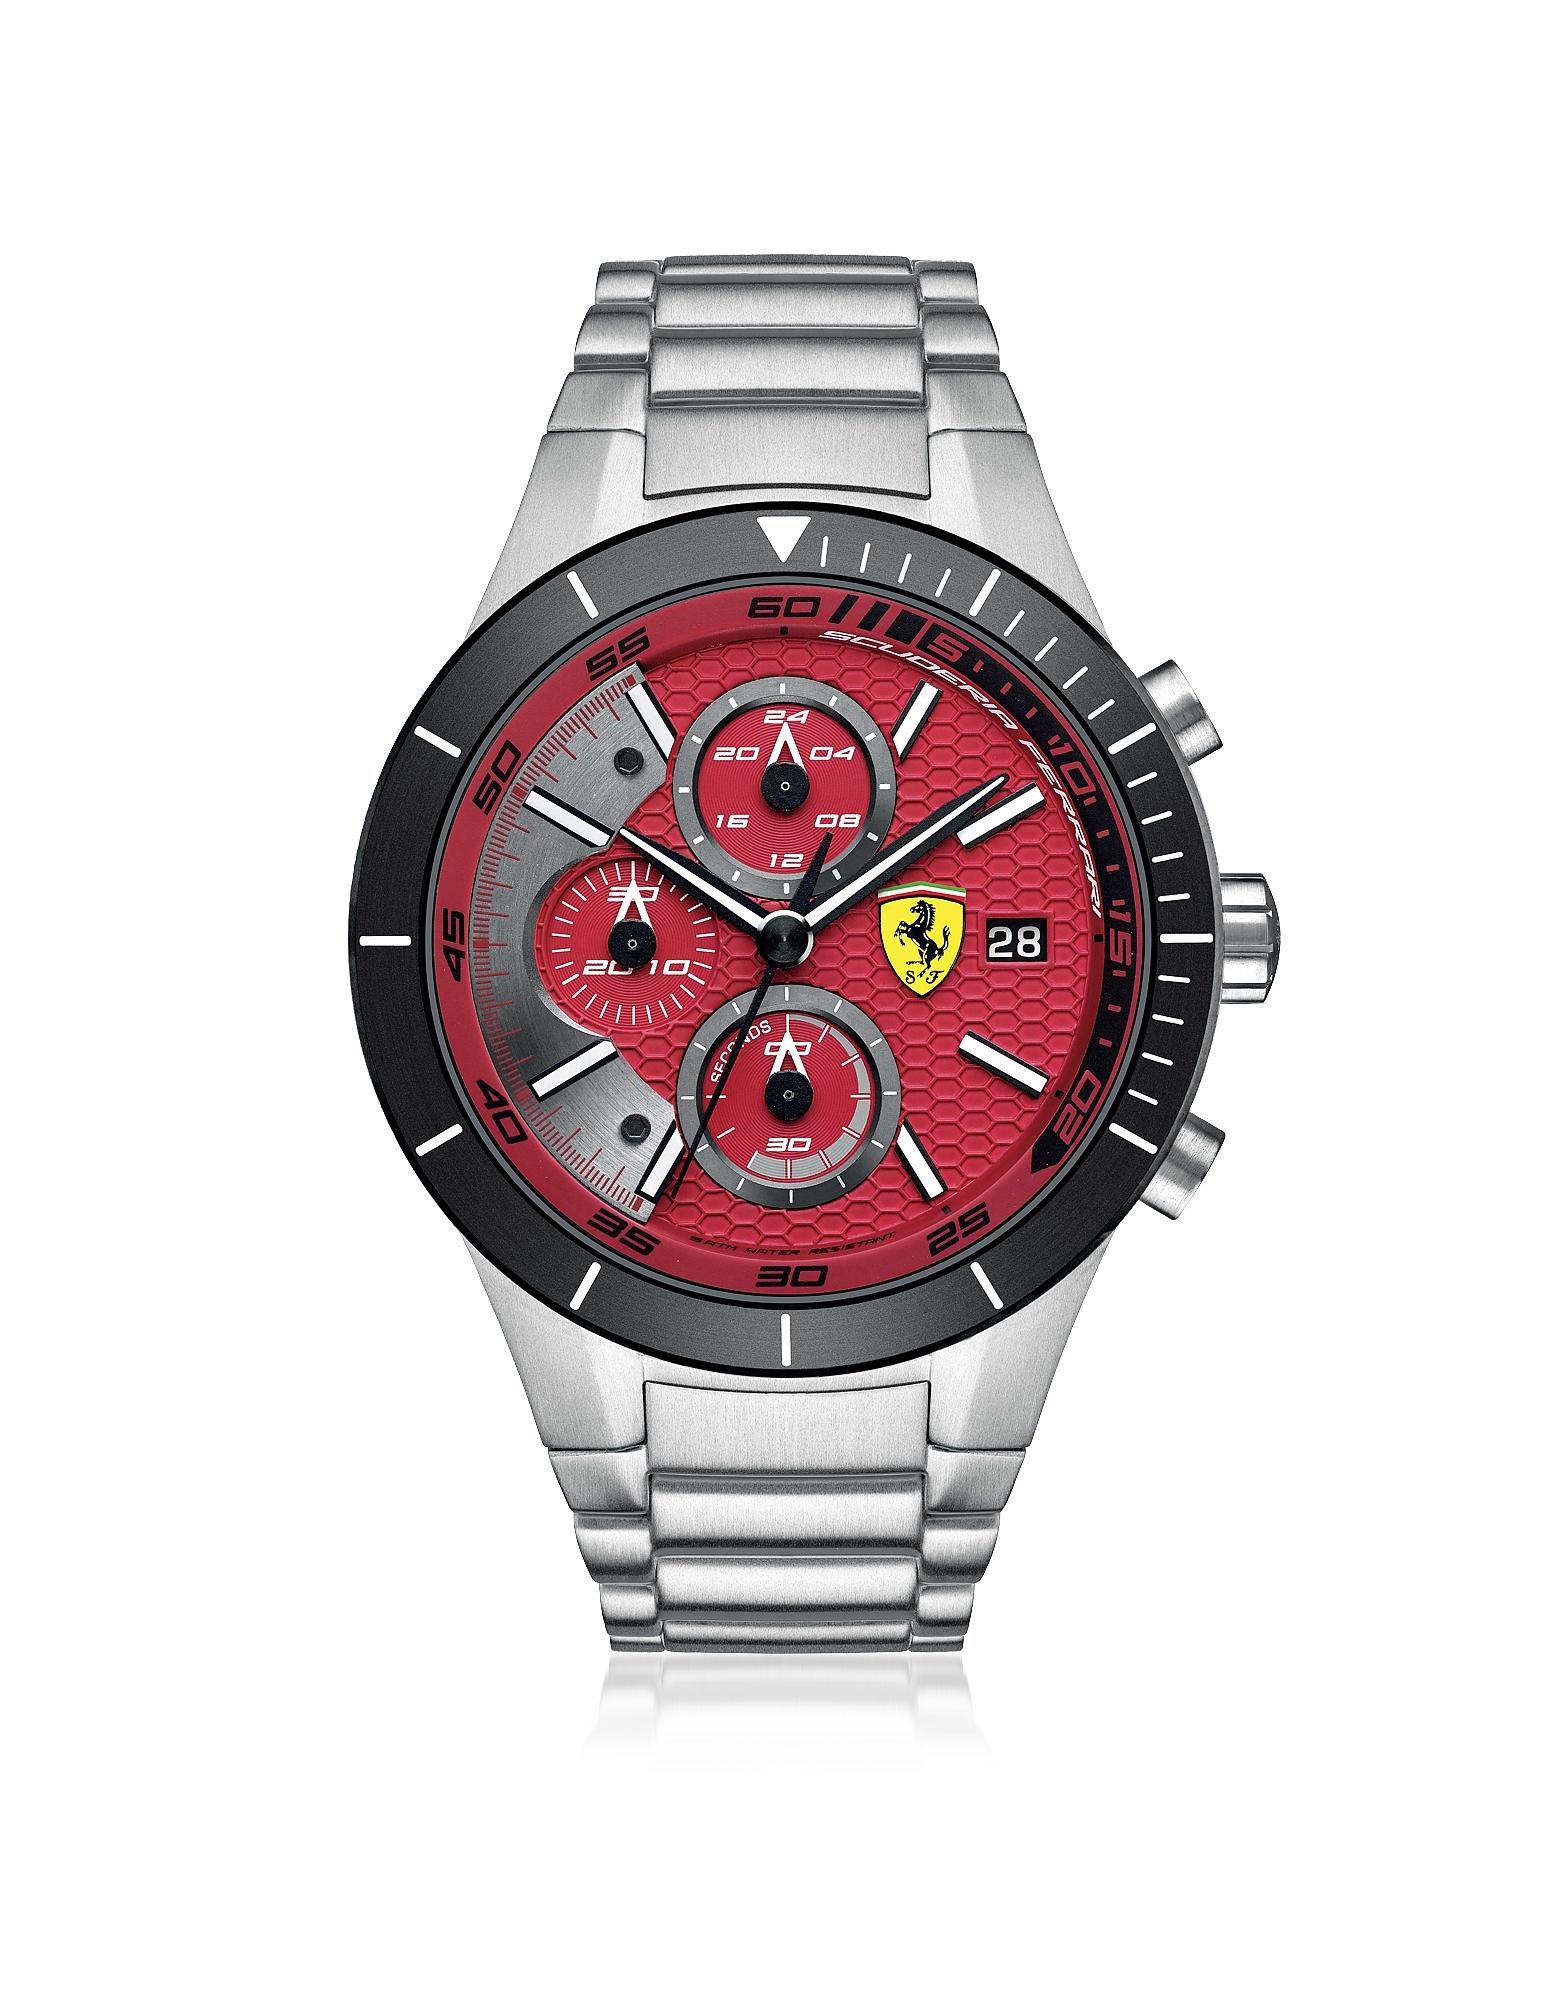 Red Rev Evo - Серебристые Мужские Часы Хронограф из Нержавеющей Стали